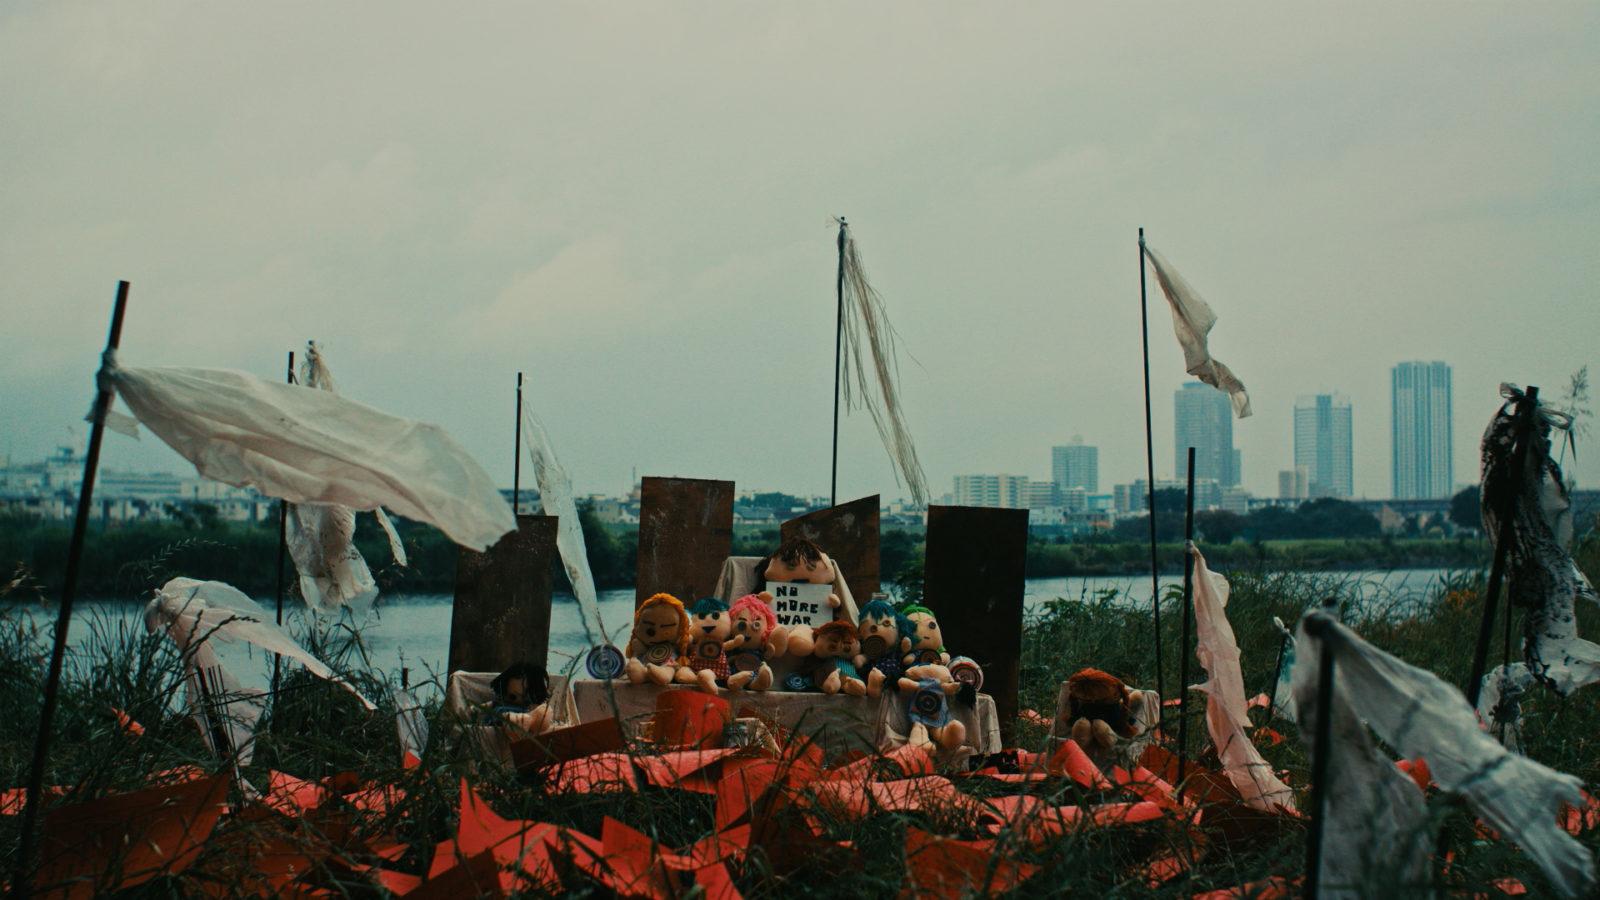 リーガルリリー、映画監督内藤瑛亮作品である新作MV「うつくしいひと」を公開サムネイル画像